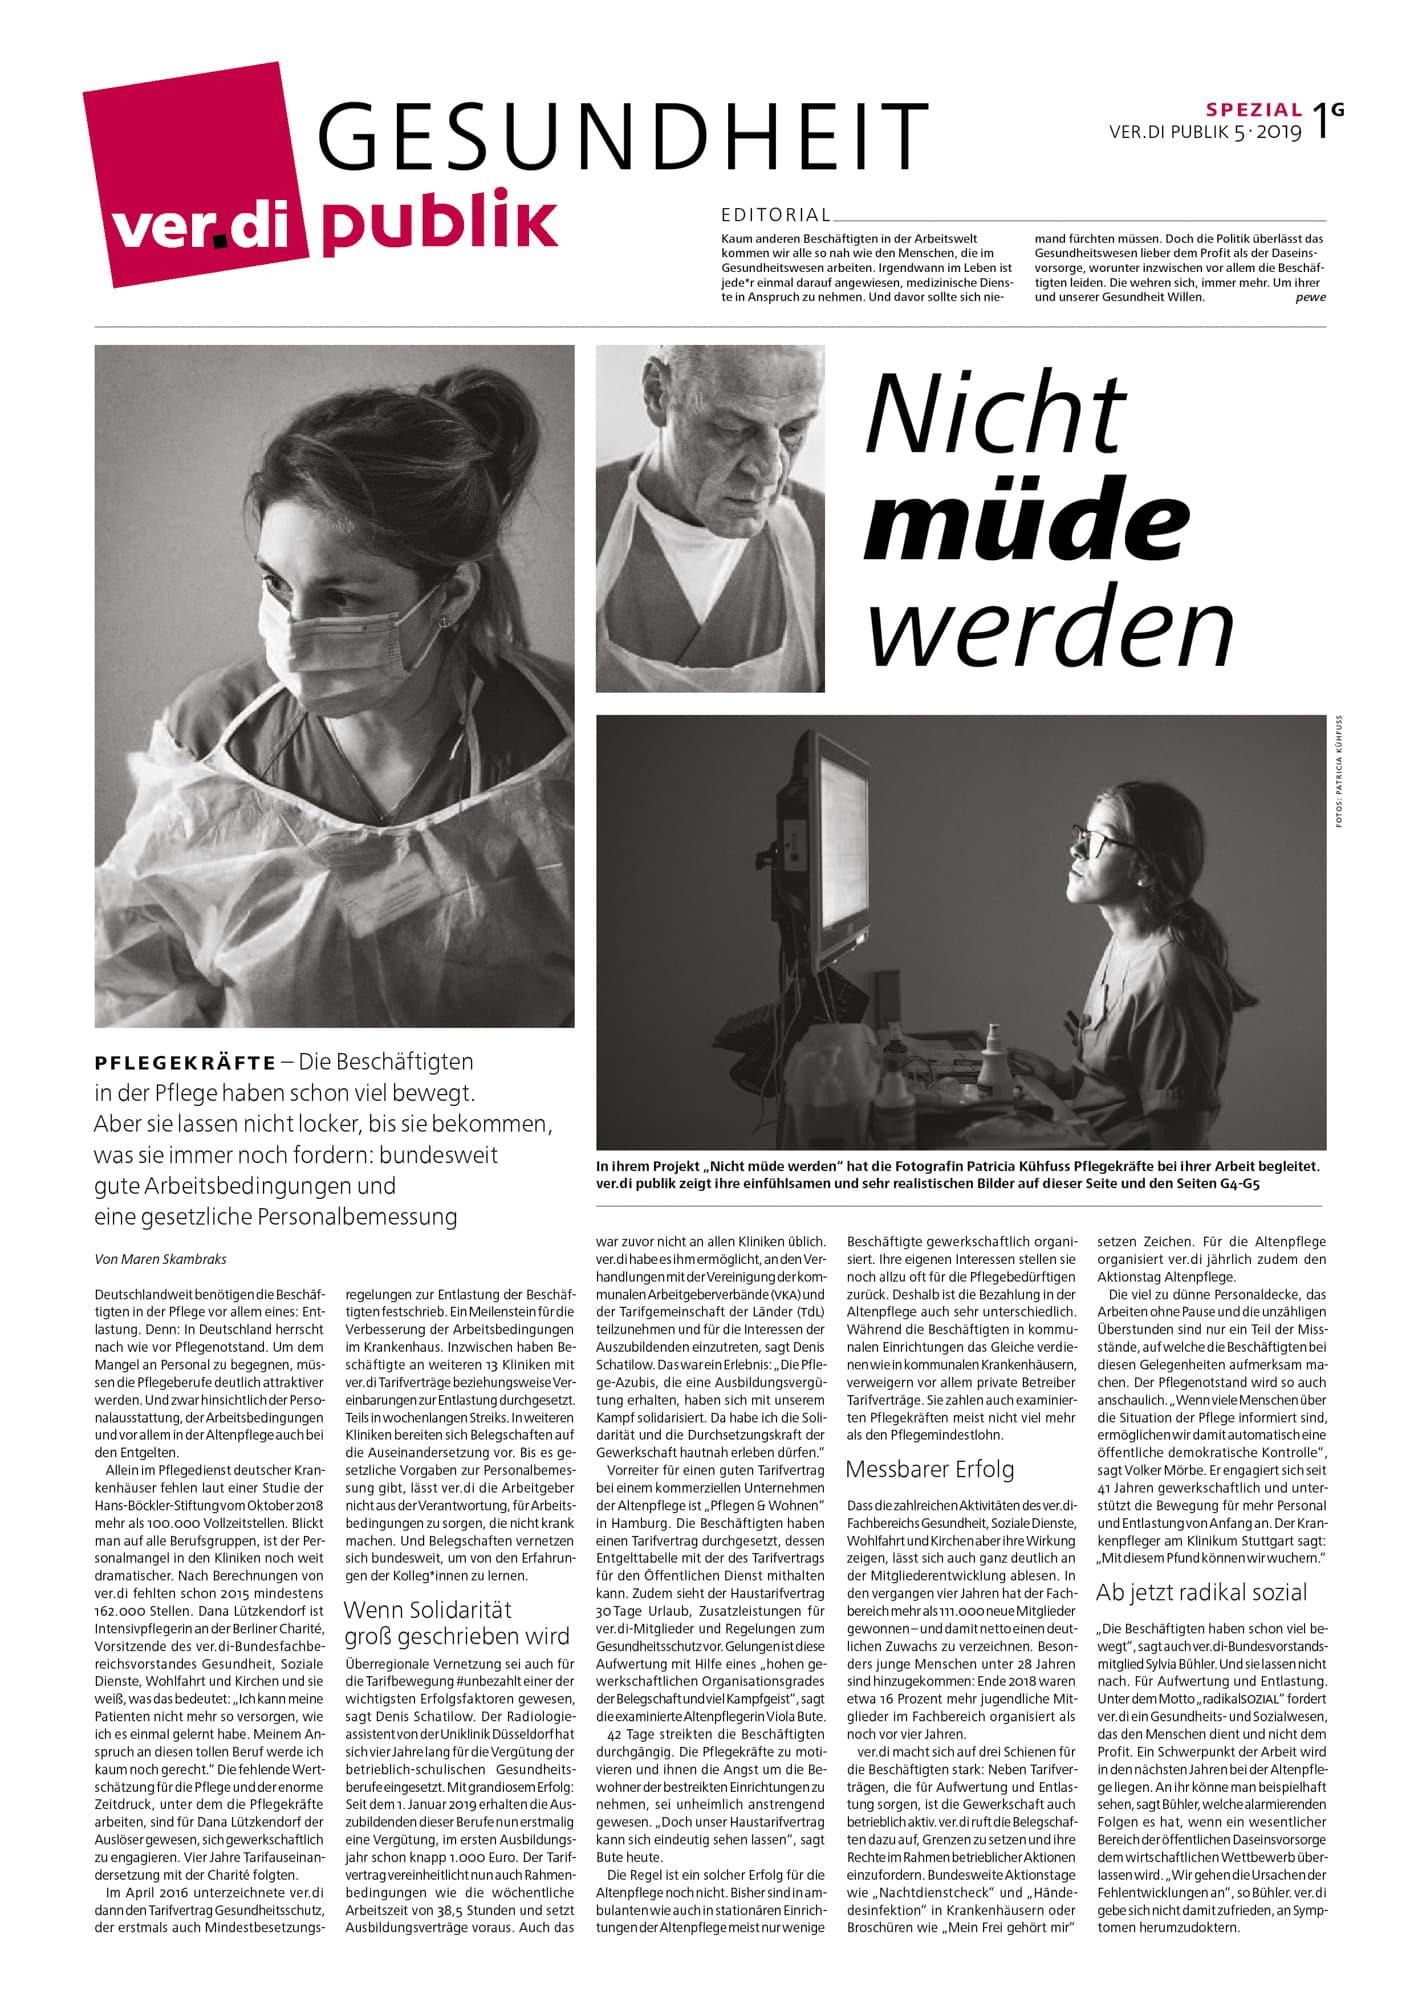 Nicht muede werden — Veroeffentlichung/Publikation ver.di publik